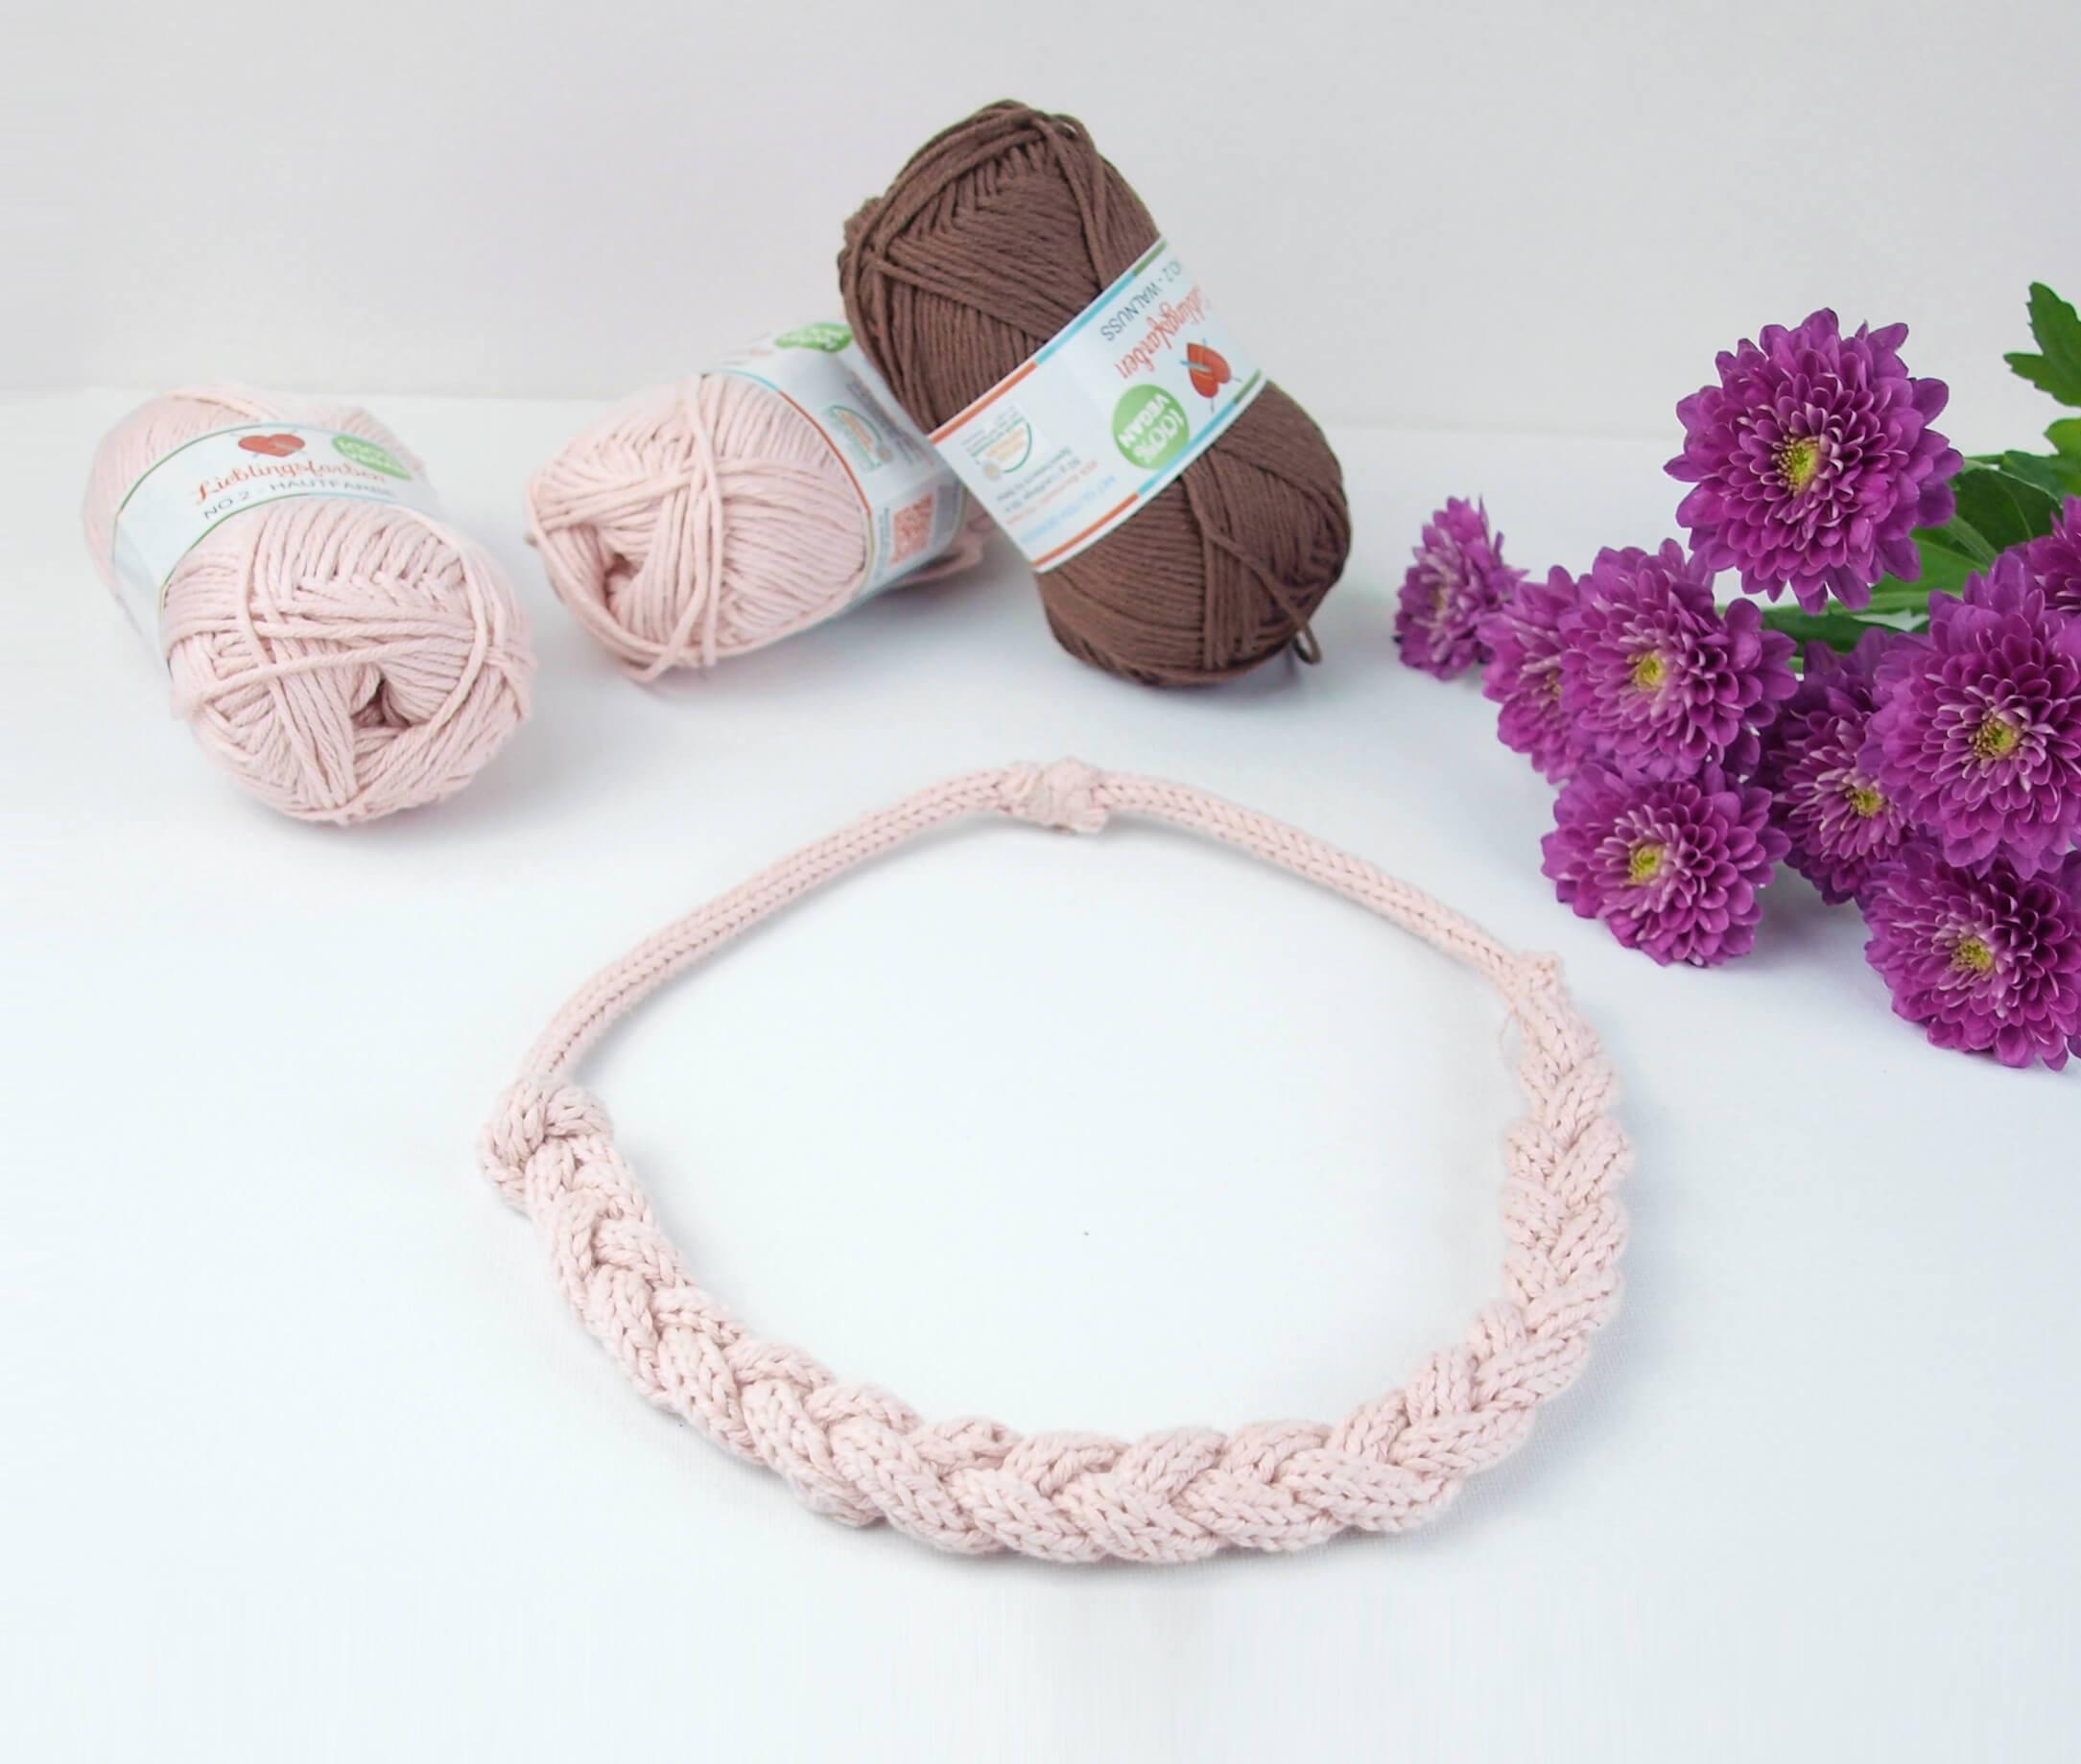 Diy Wolle  Gestrickter Schmuck DIY Strickkette aus veganer Wolle